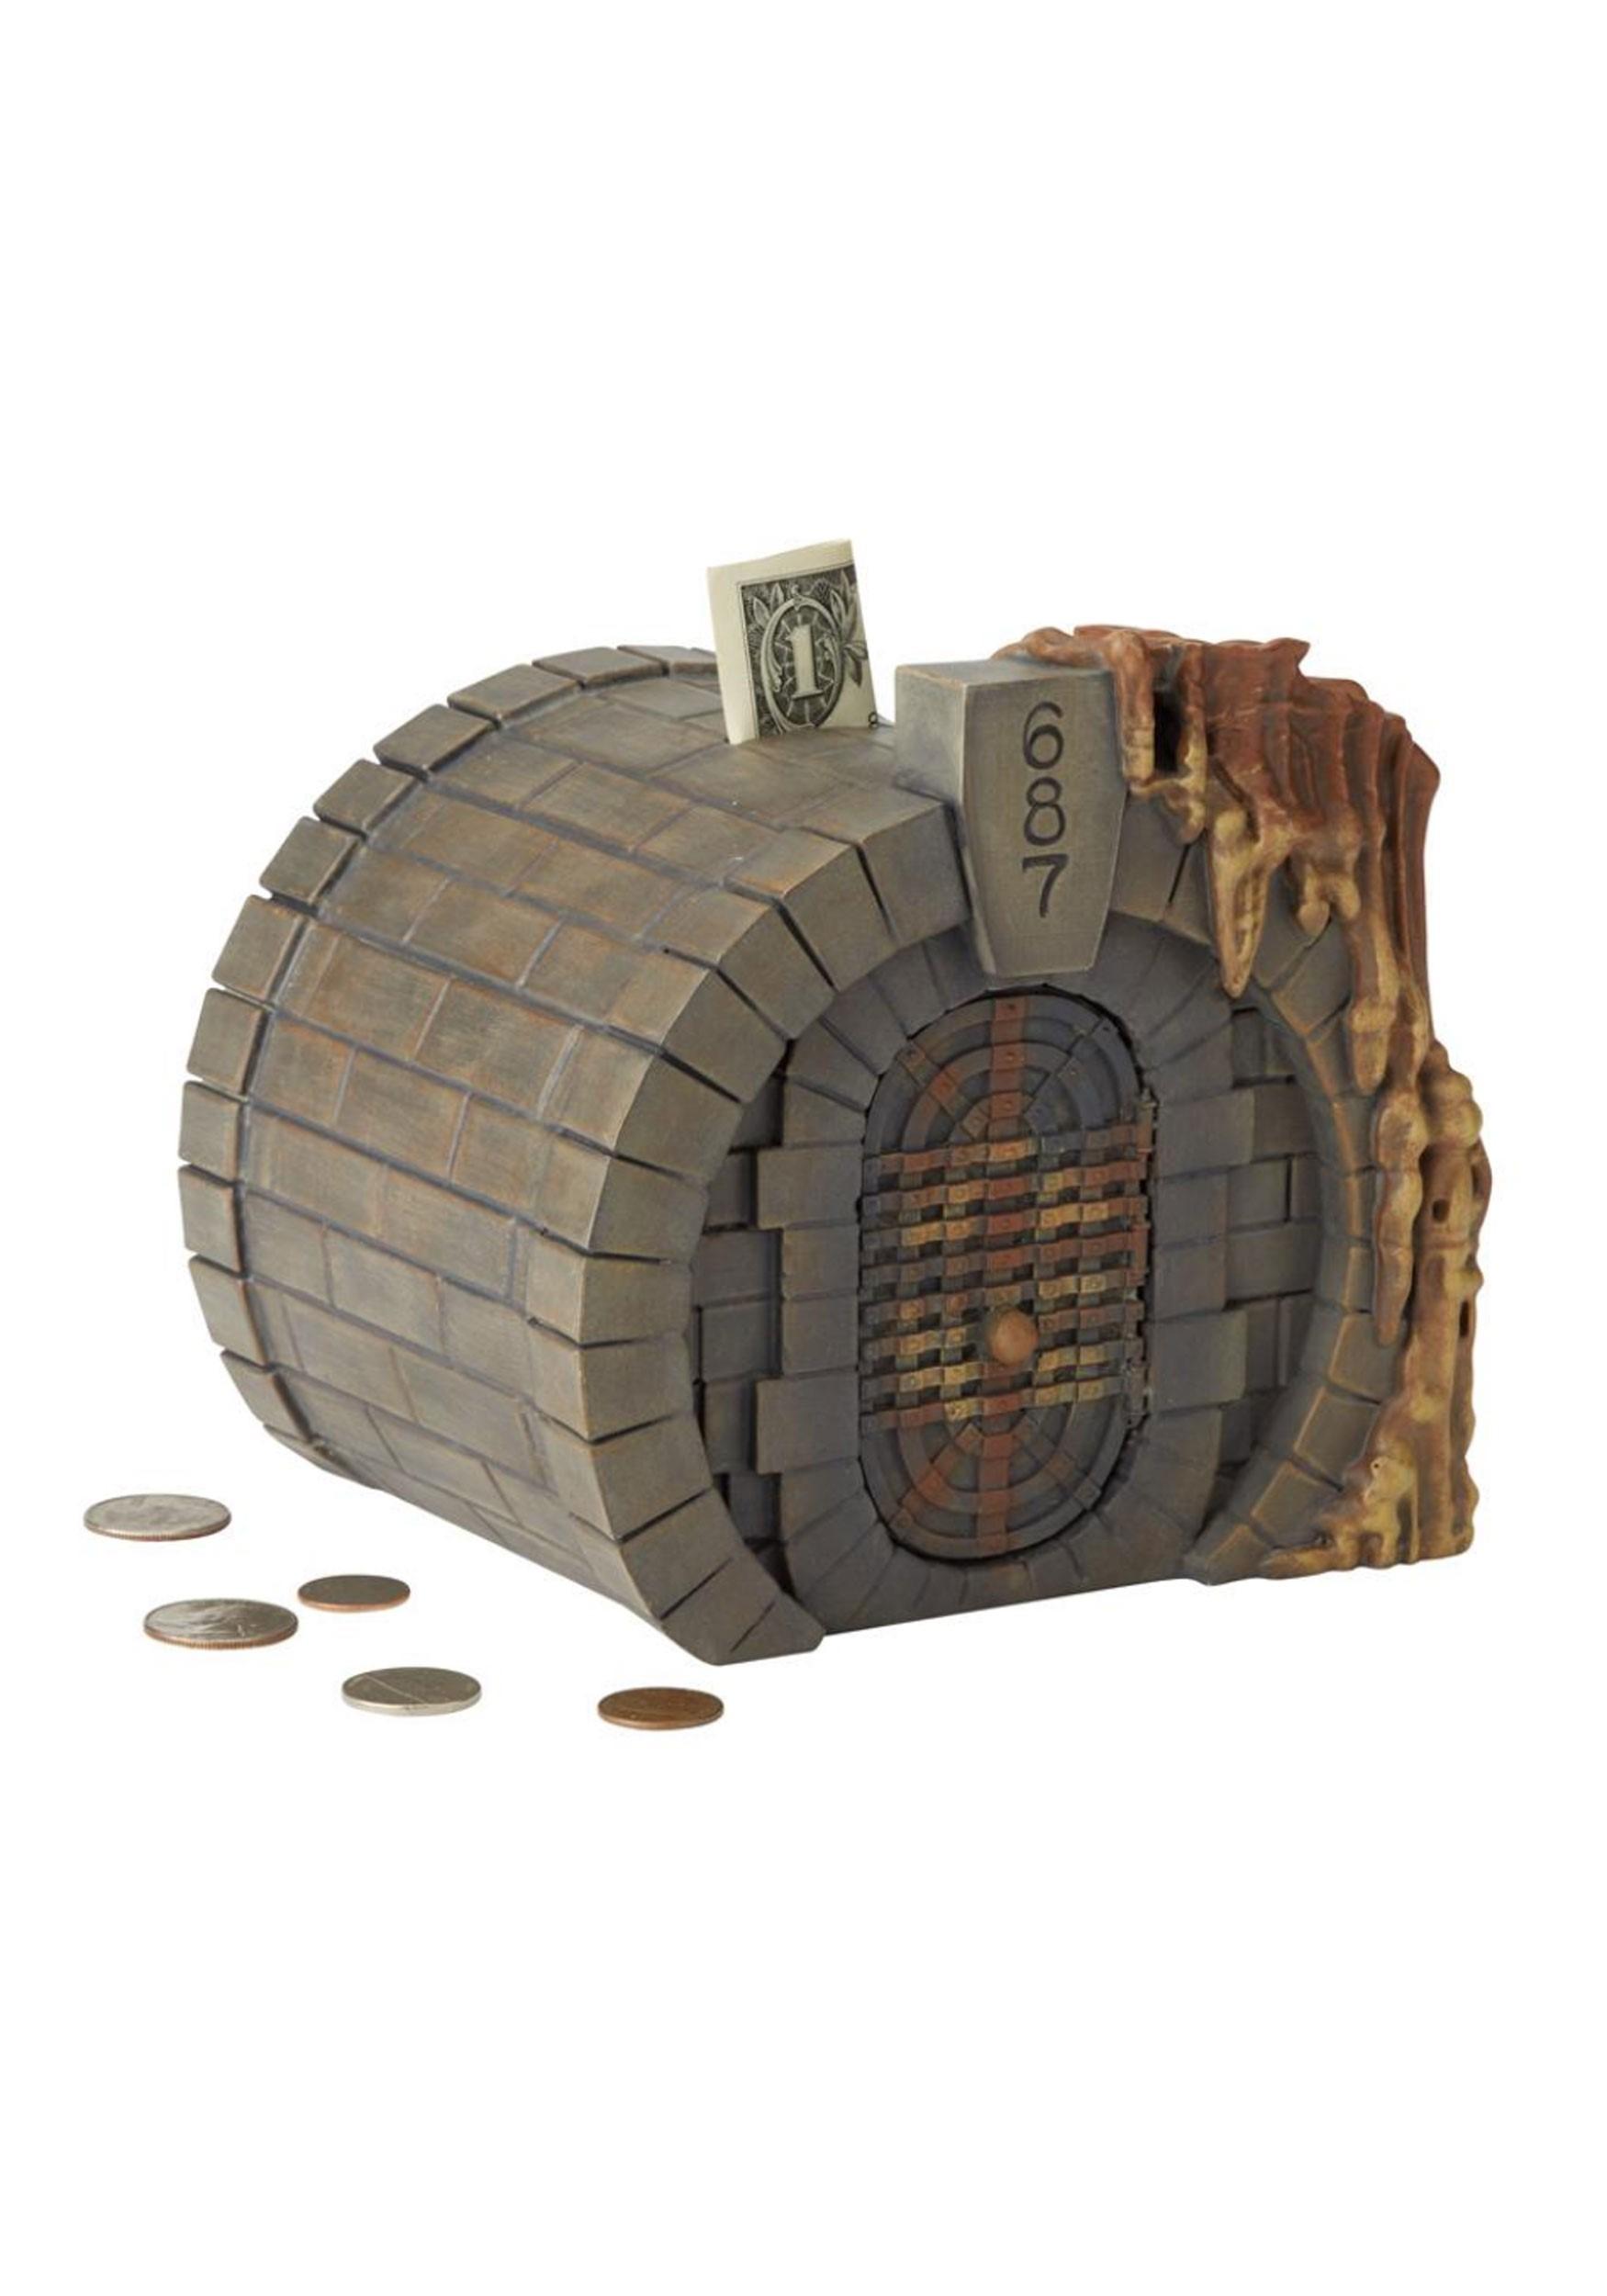 coin vault show